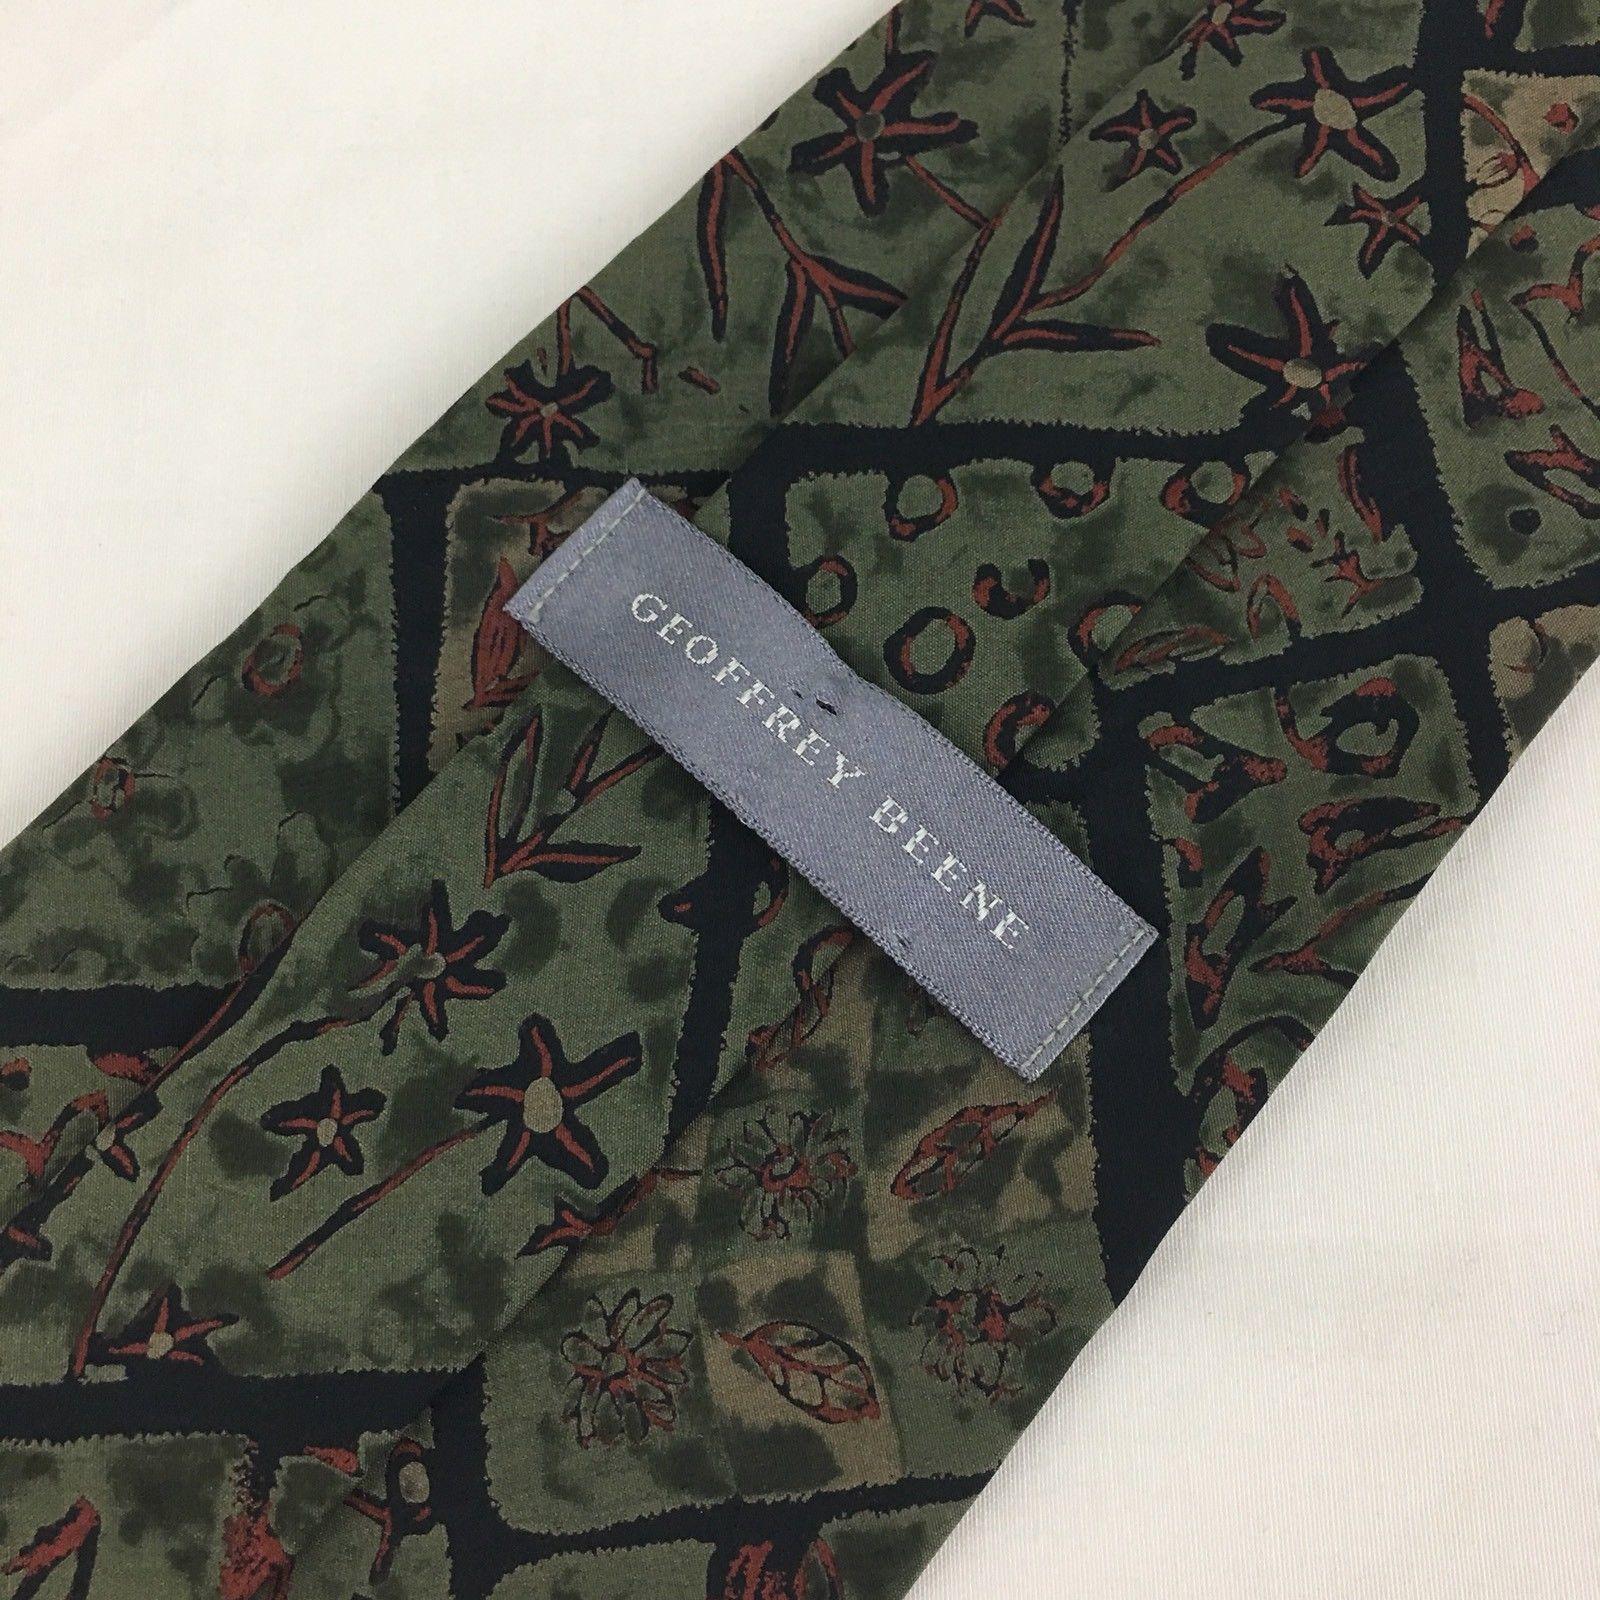 Geoffrey Beene Silk Tie Green Brown Floral 4 Inch Wide image 3